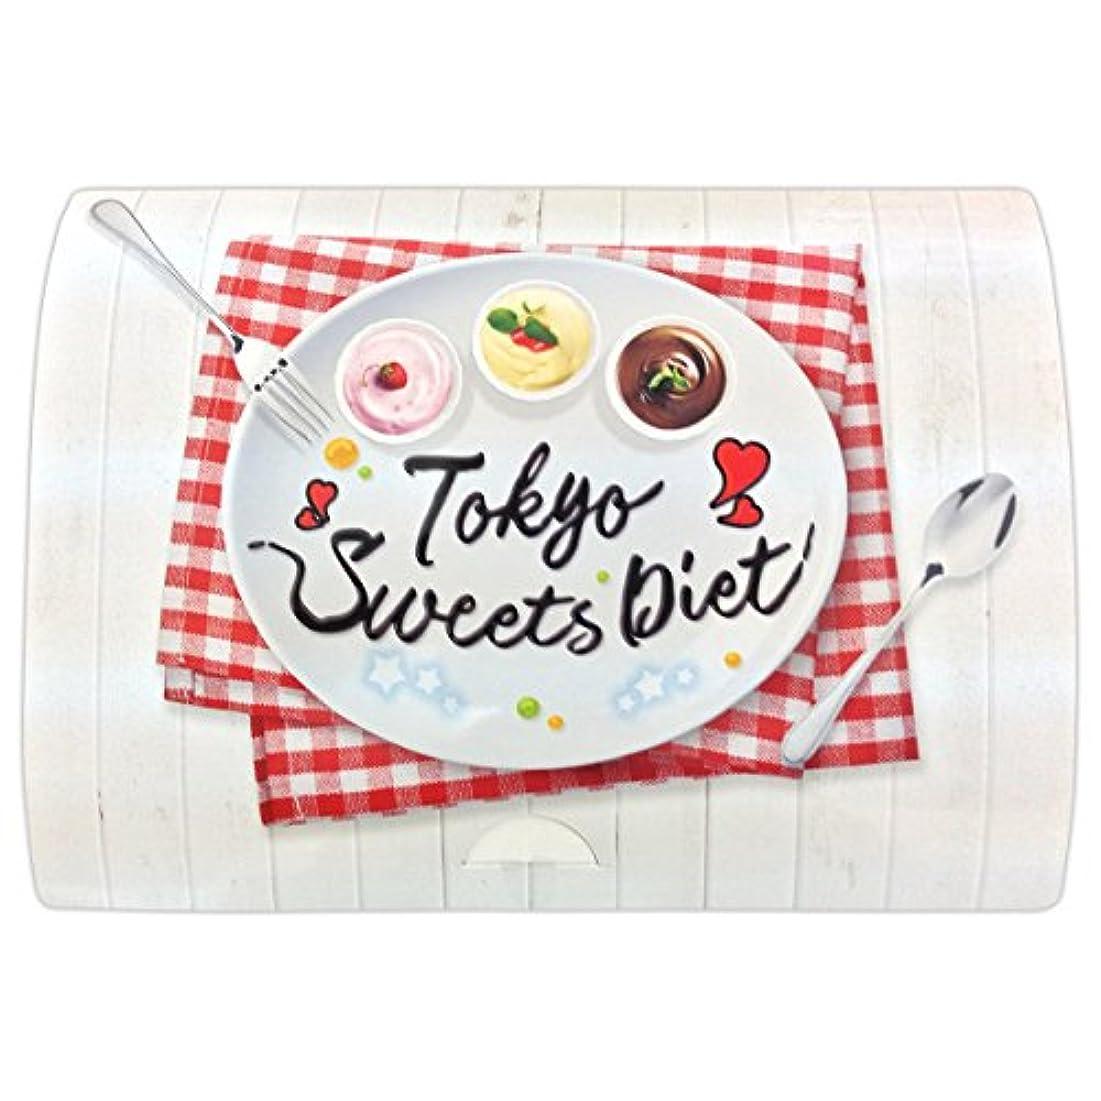 IDEA TOKYOスイーツダイエット 置き換えダイエットスイーツ 15食(1包:15g) ストロベリー味 チョコレート味 プリン味